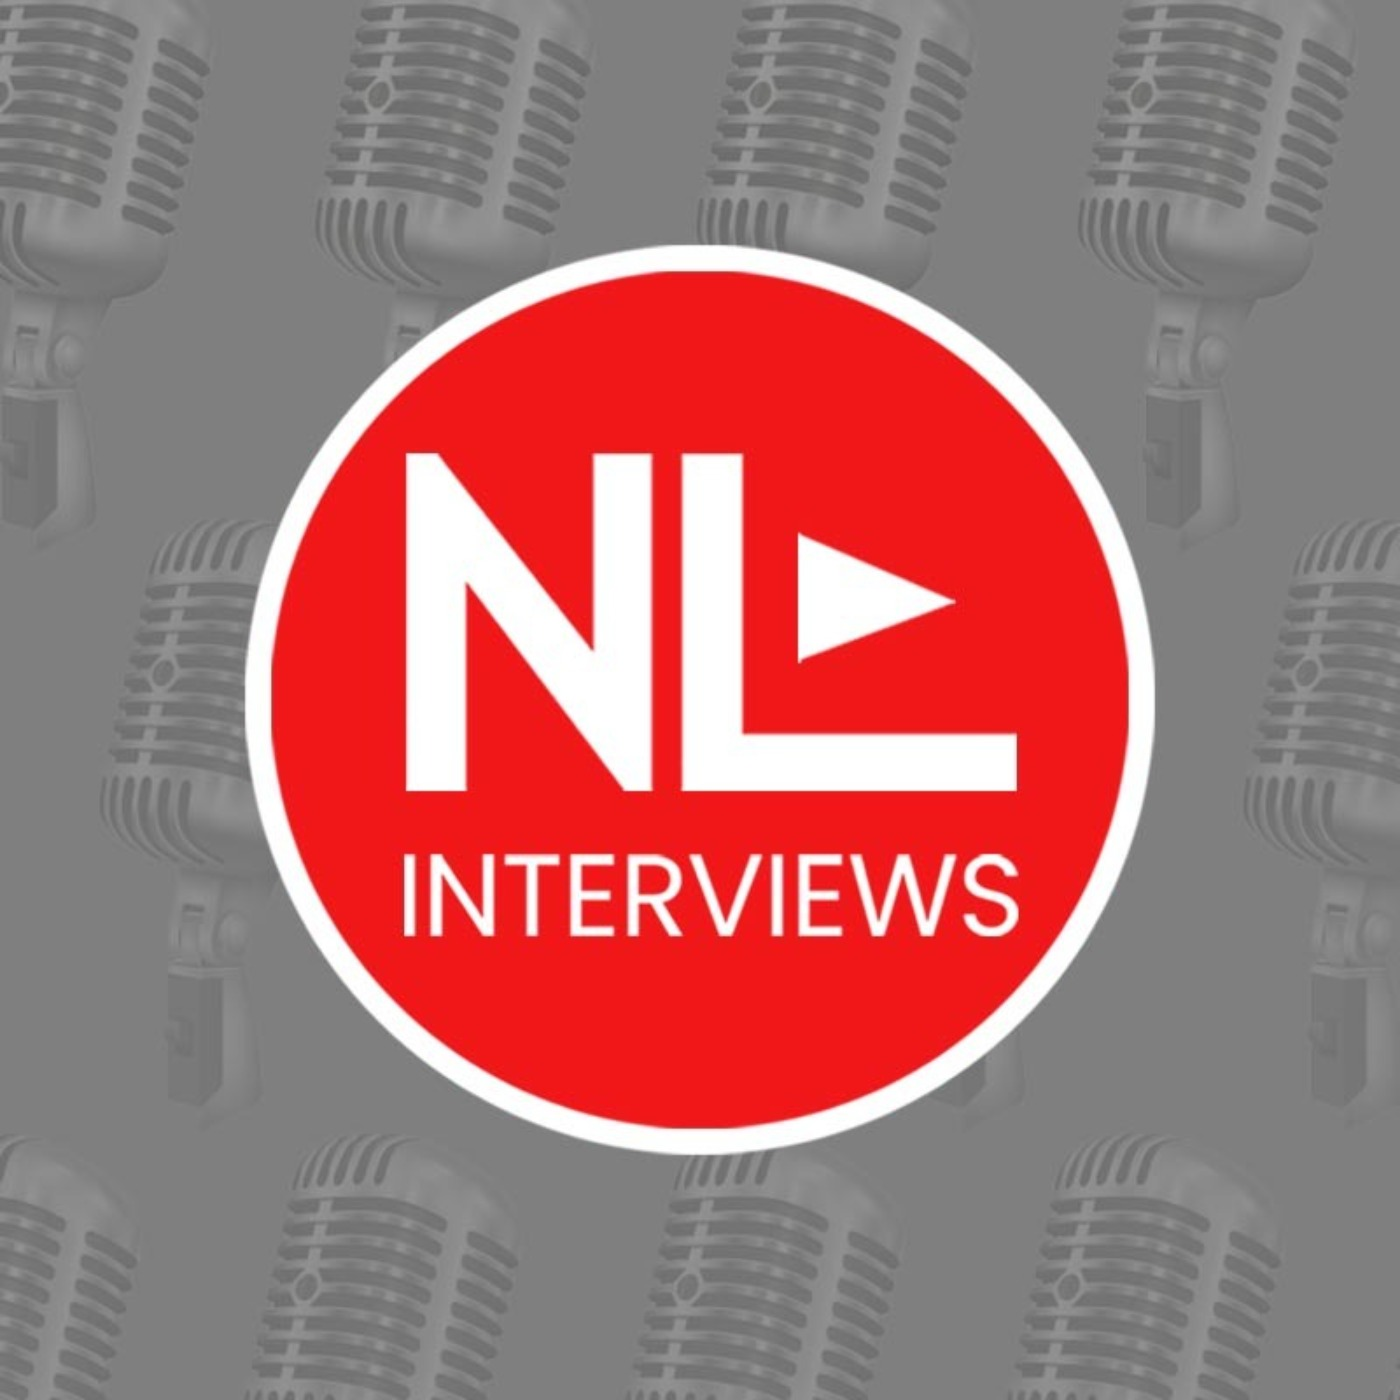 NL Interview | 'मैं अक्सर देखता हूं Hindustan के न्यूज़ चैनलों को, और फिर सोचता हूं...'